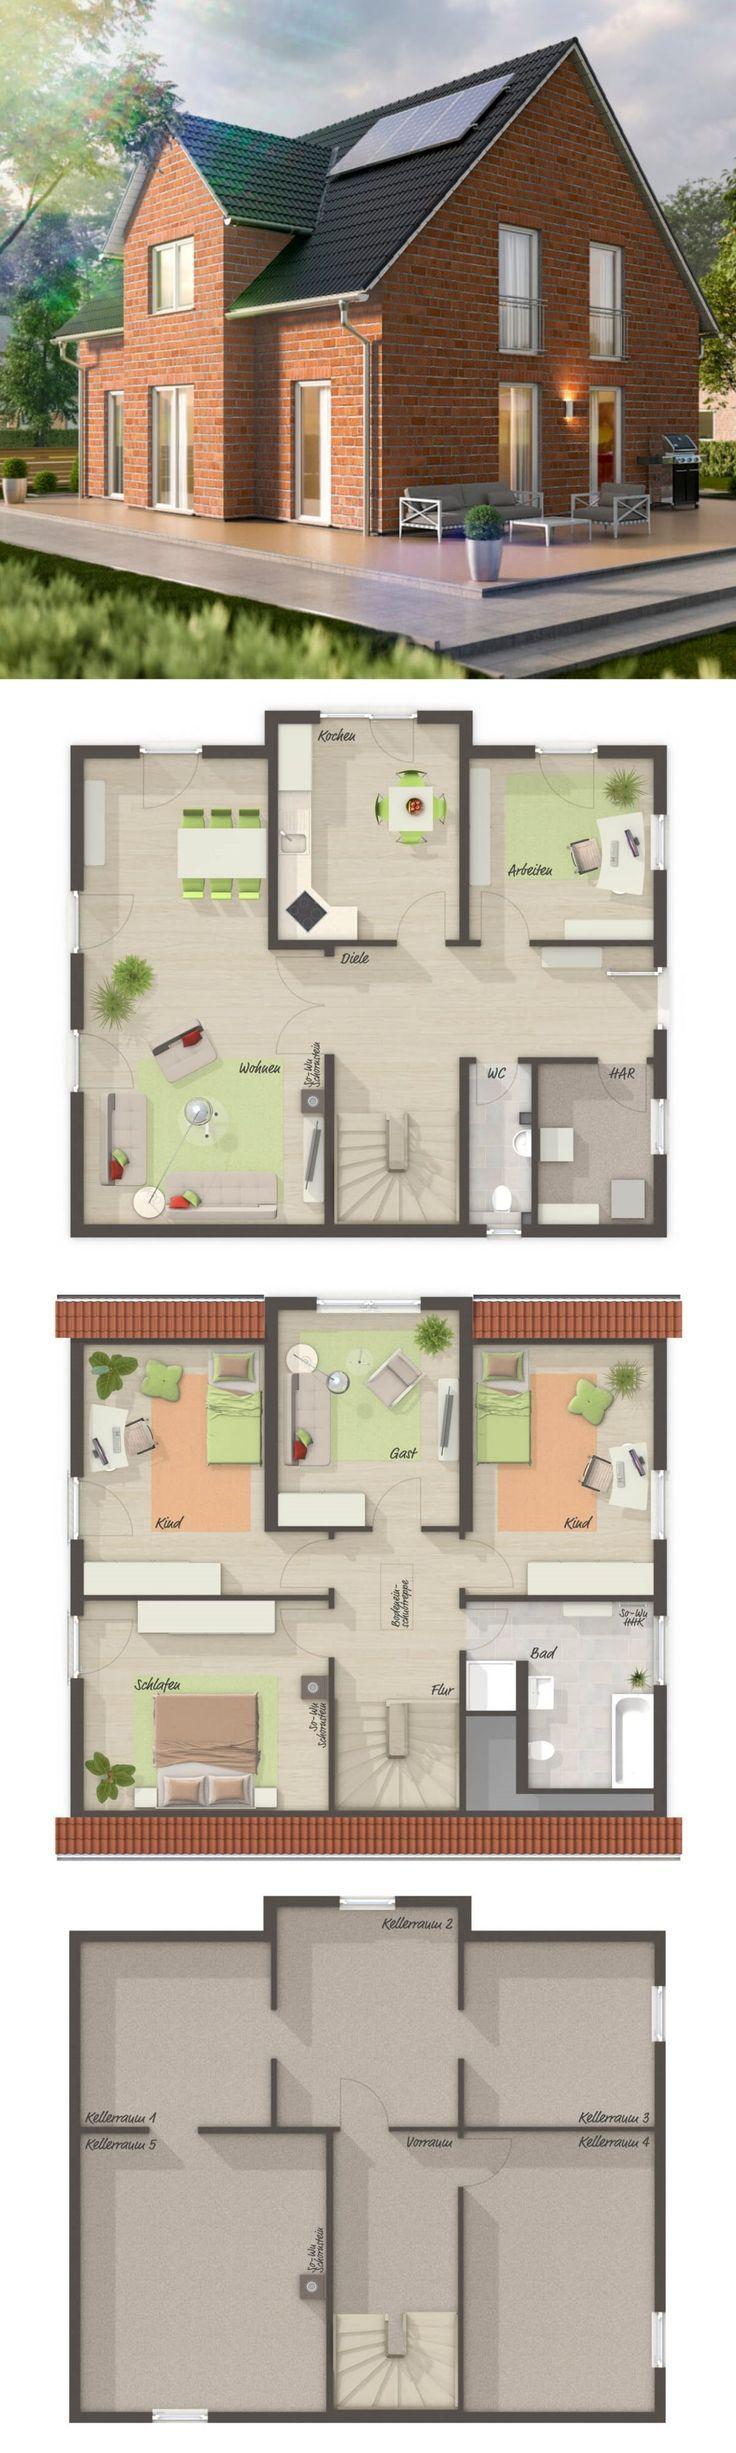 Einfamilienhaus Neubau im Landhausstil Grundriss mit Klinker fassförmig, Zwerchgieb…